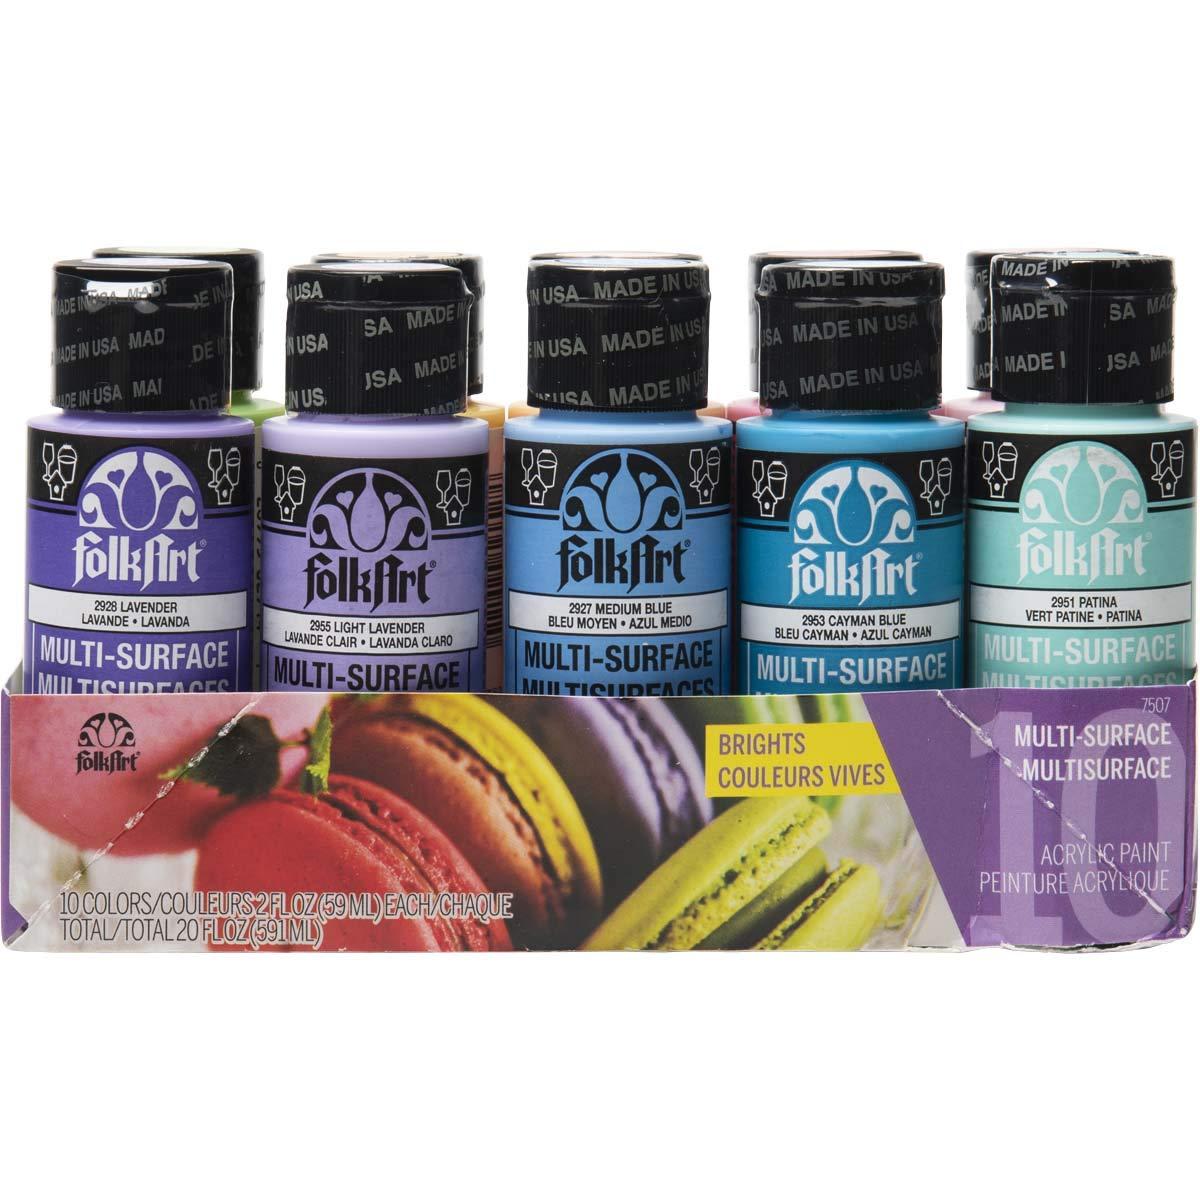 FolkArt 7507 Color, 10 Bottle Multi-Surface Acrylic Paint Set, 2oz, Brights